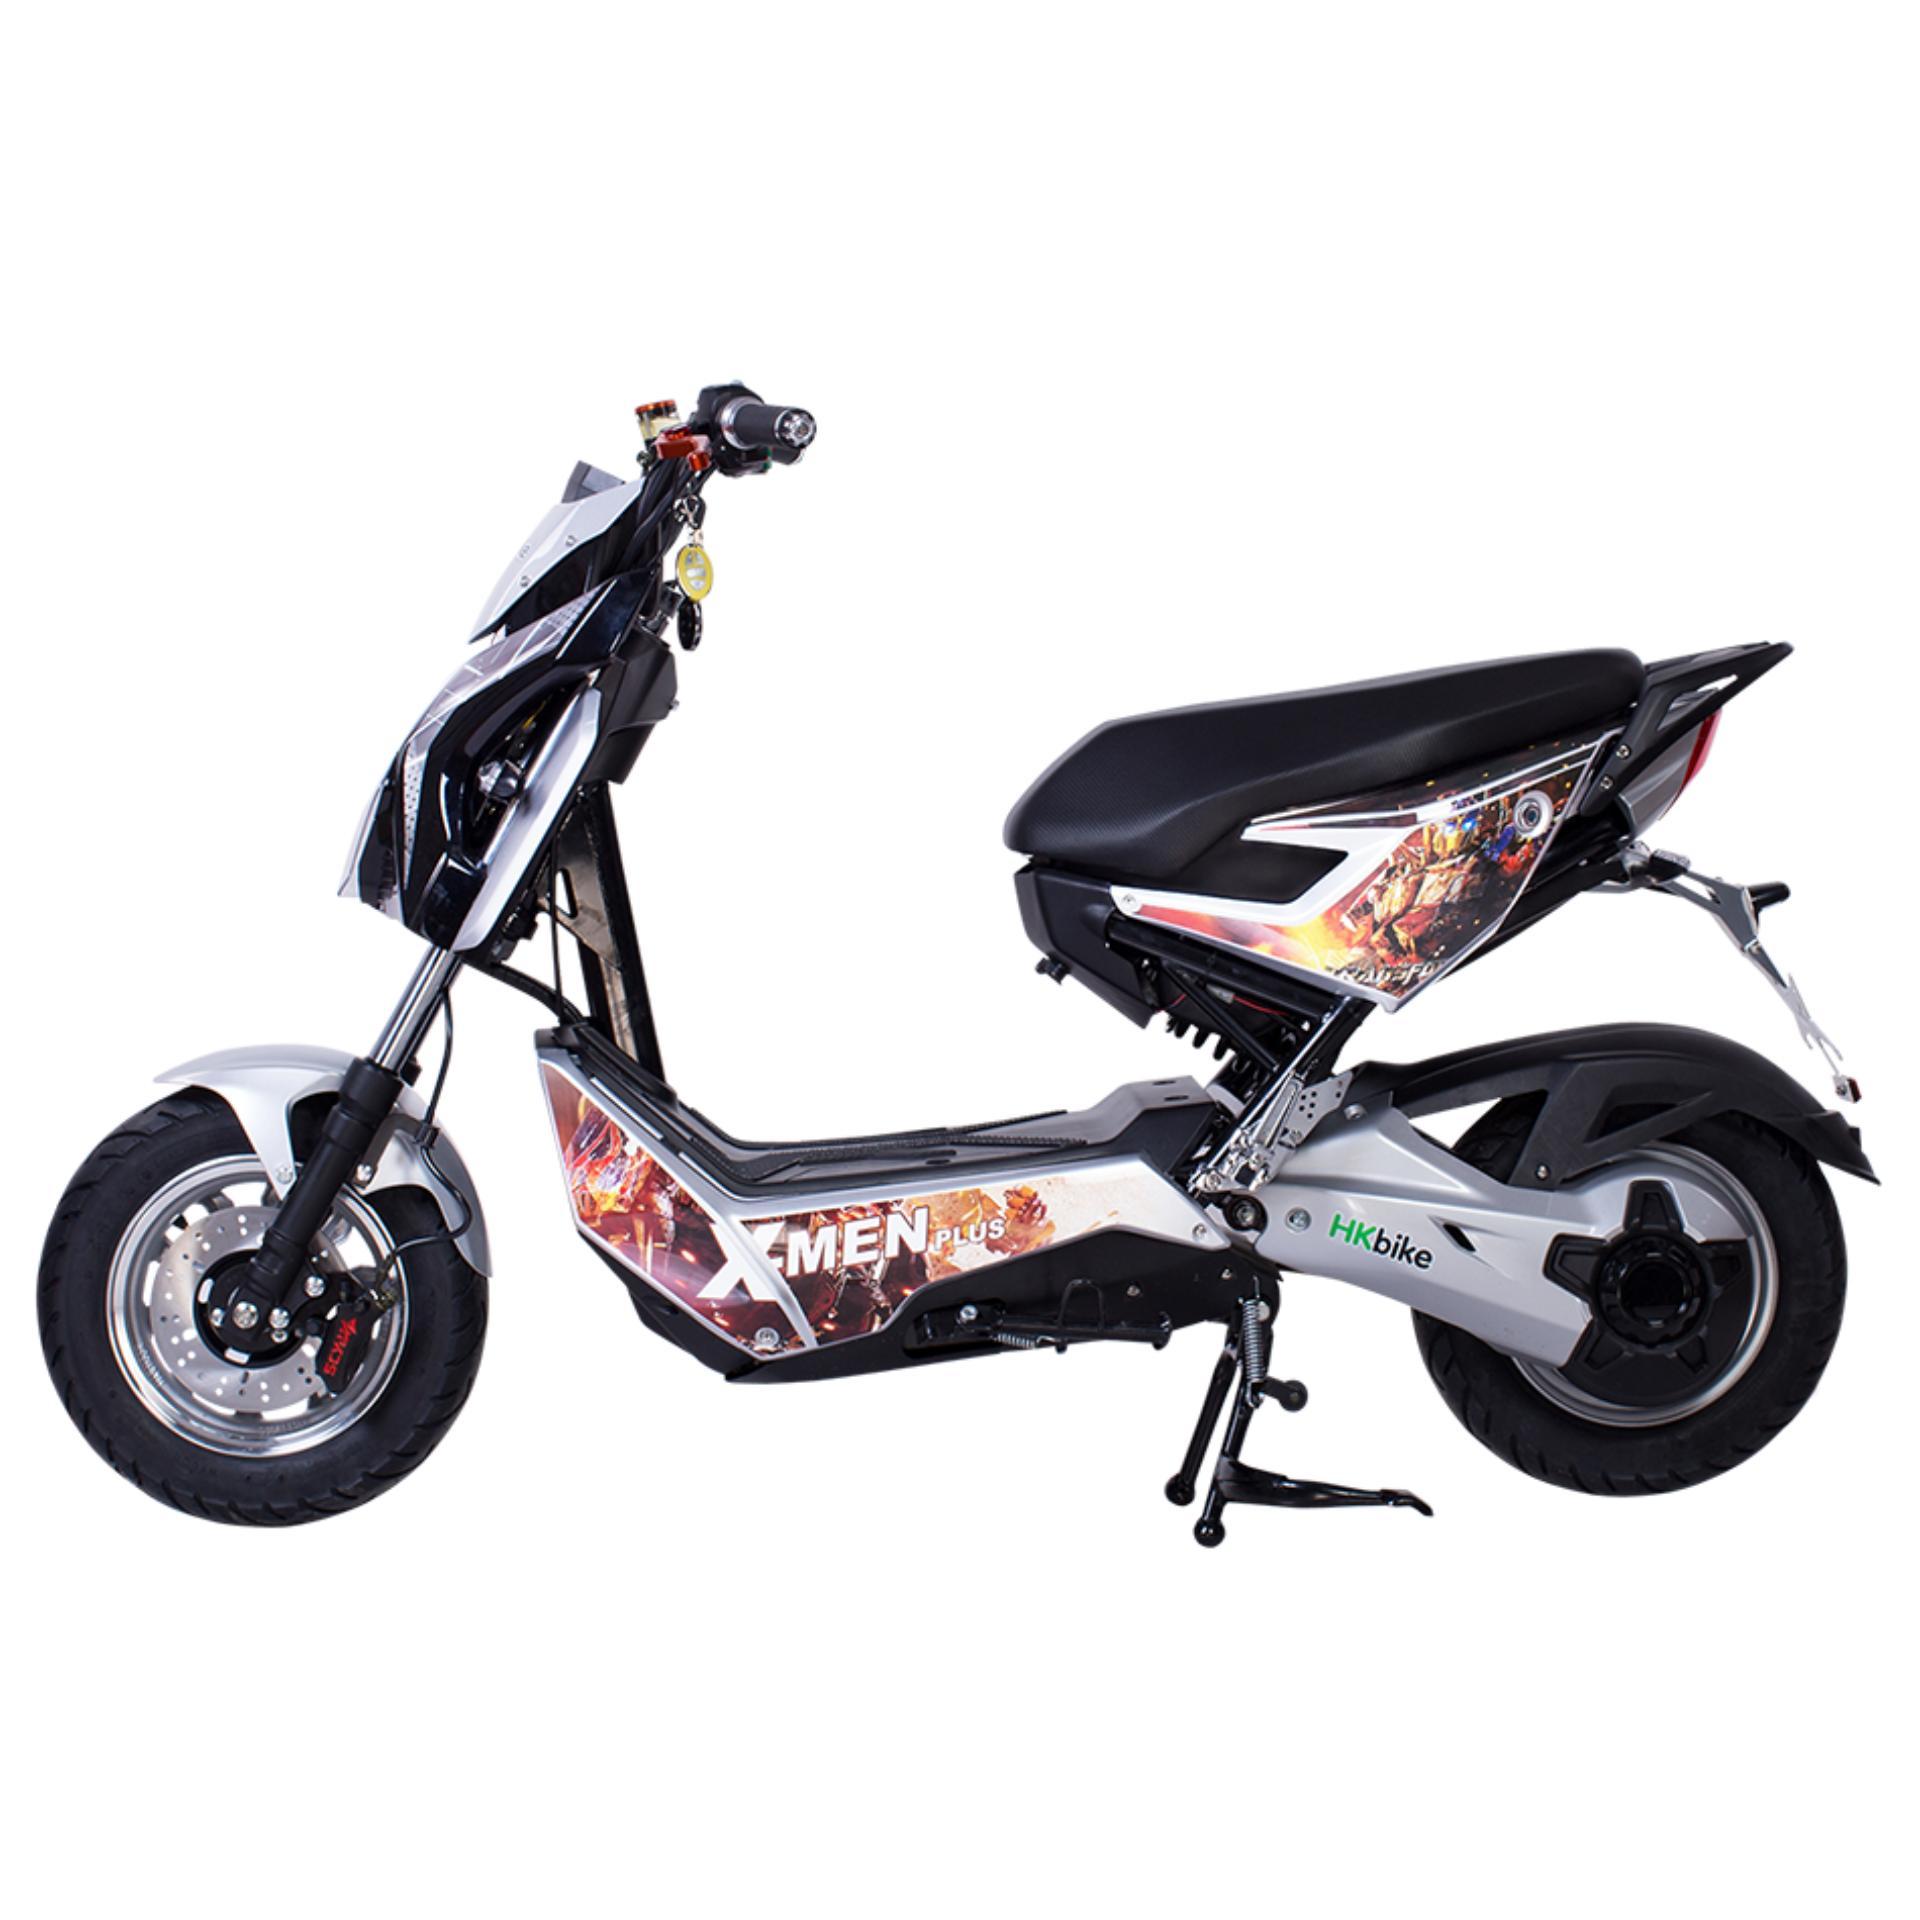 Xe máy điện HKbike Xmen Plus (màu Trắng)